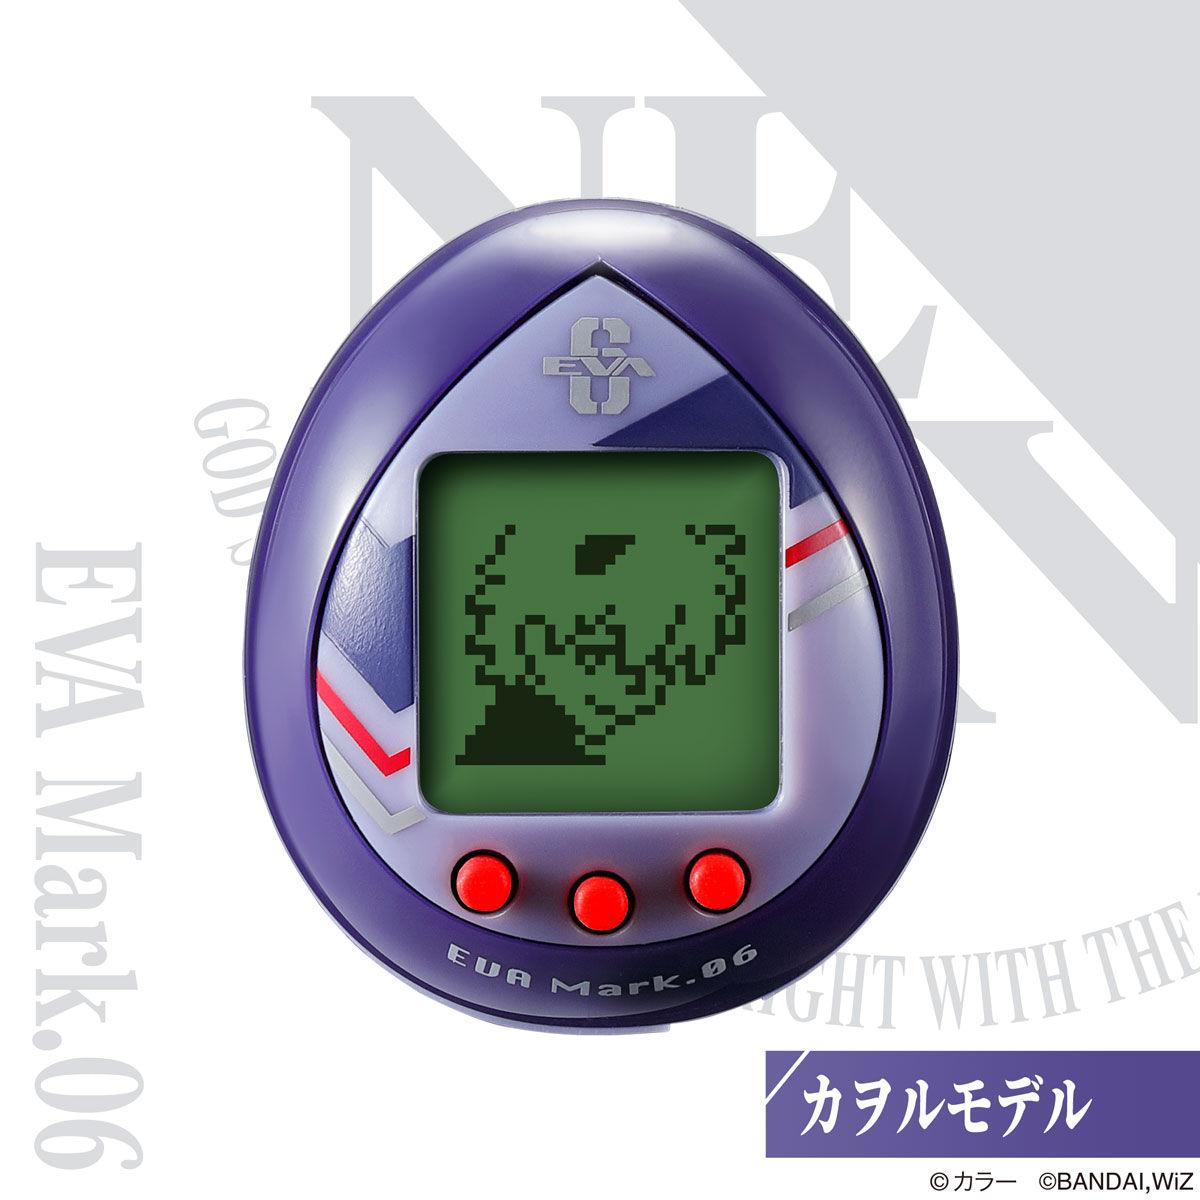 たまごっちnano『汎用卵型決戦兵器 エヴァっち アヤナミレイ(仮称)モデル』新世紀エヴァンゲリオン たまごっち-014